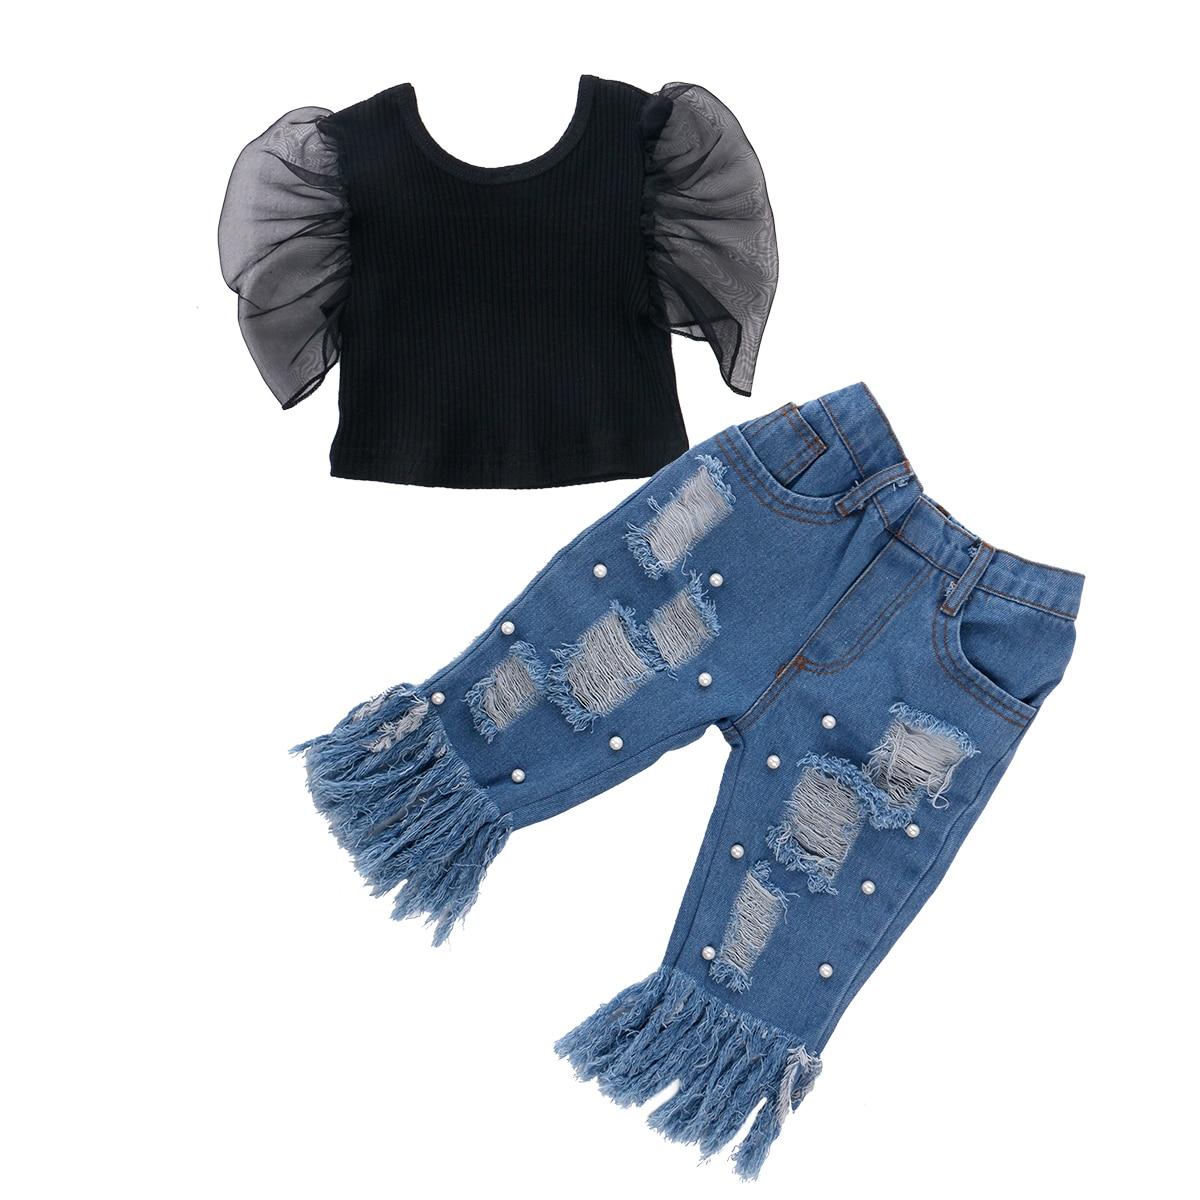 Mode Kinder Baby Mädchen Kleidung Schwarz Rüschen Spitze Hülse Tops Rippen Bluse Denim Hosen Quaste Loch Jeans Herbst Outfit 2pcs Set